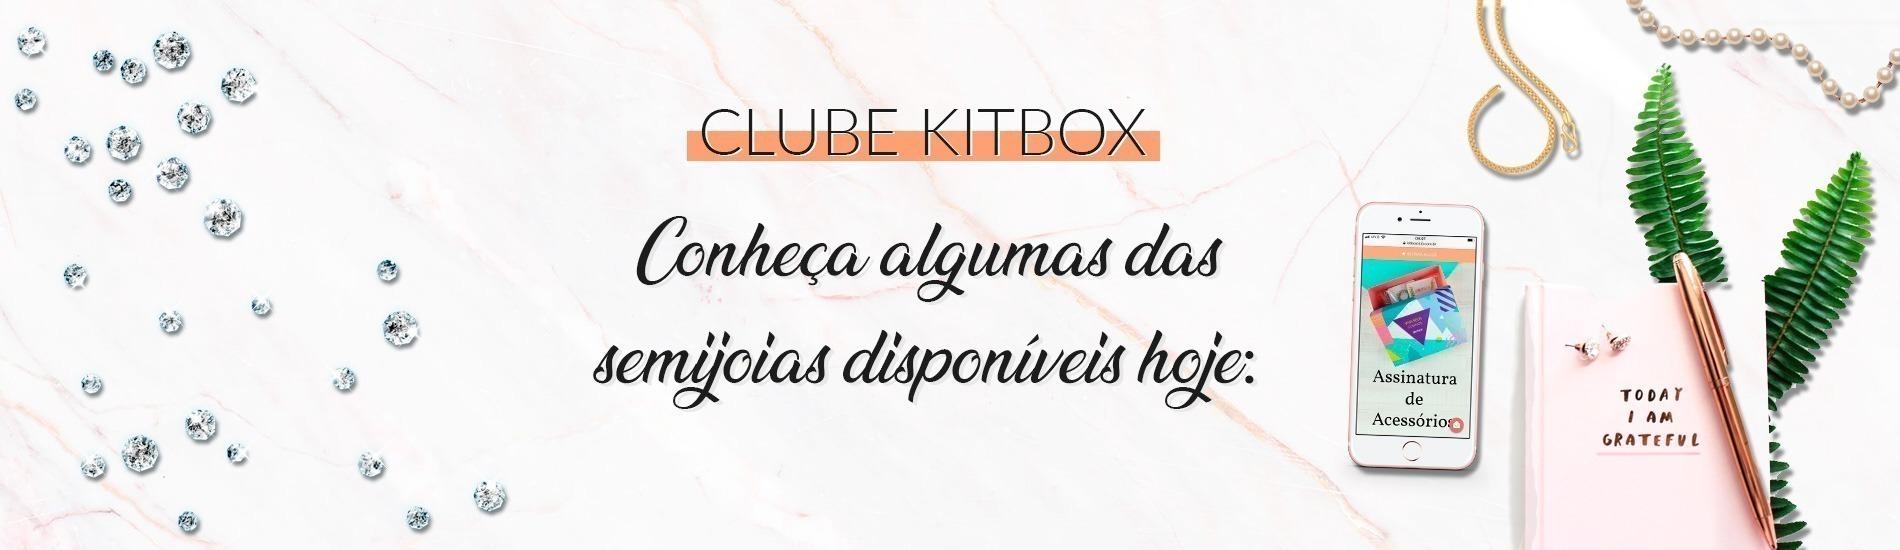 Conheça algumas das semijoias disponíveis no Clube de Acessórios da Kitbox